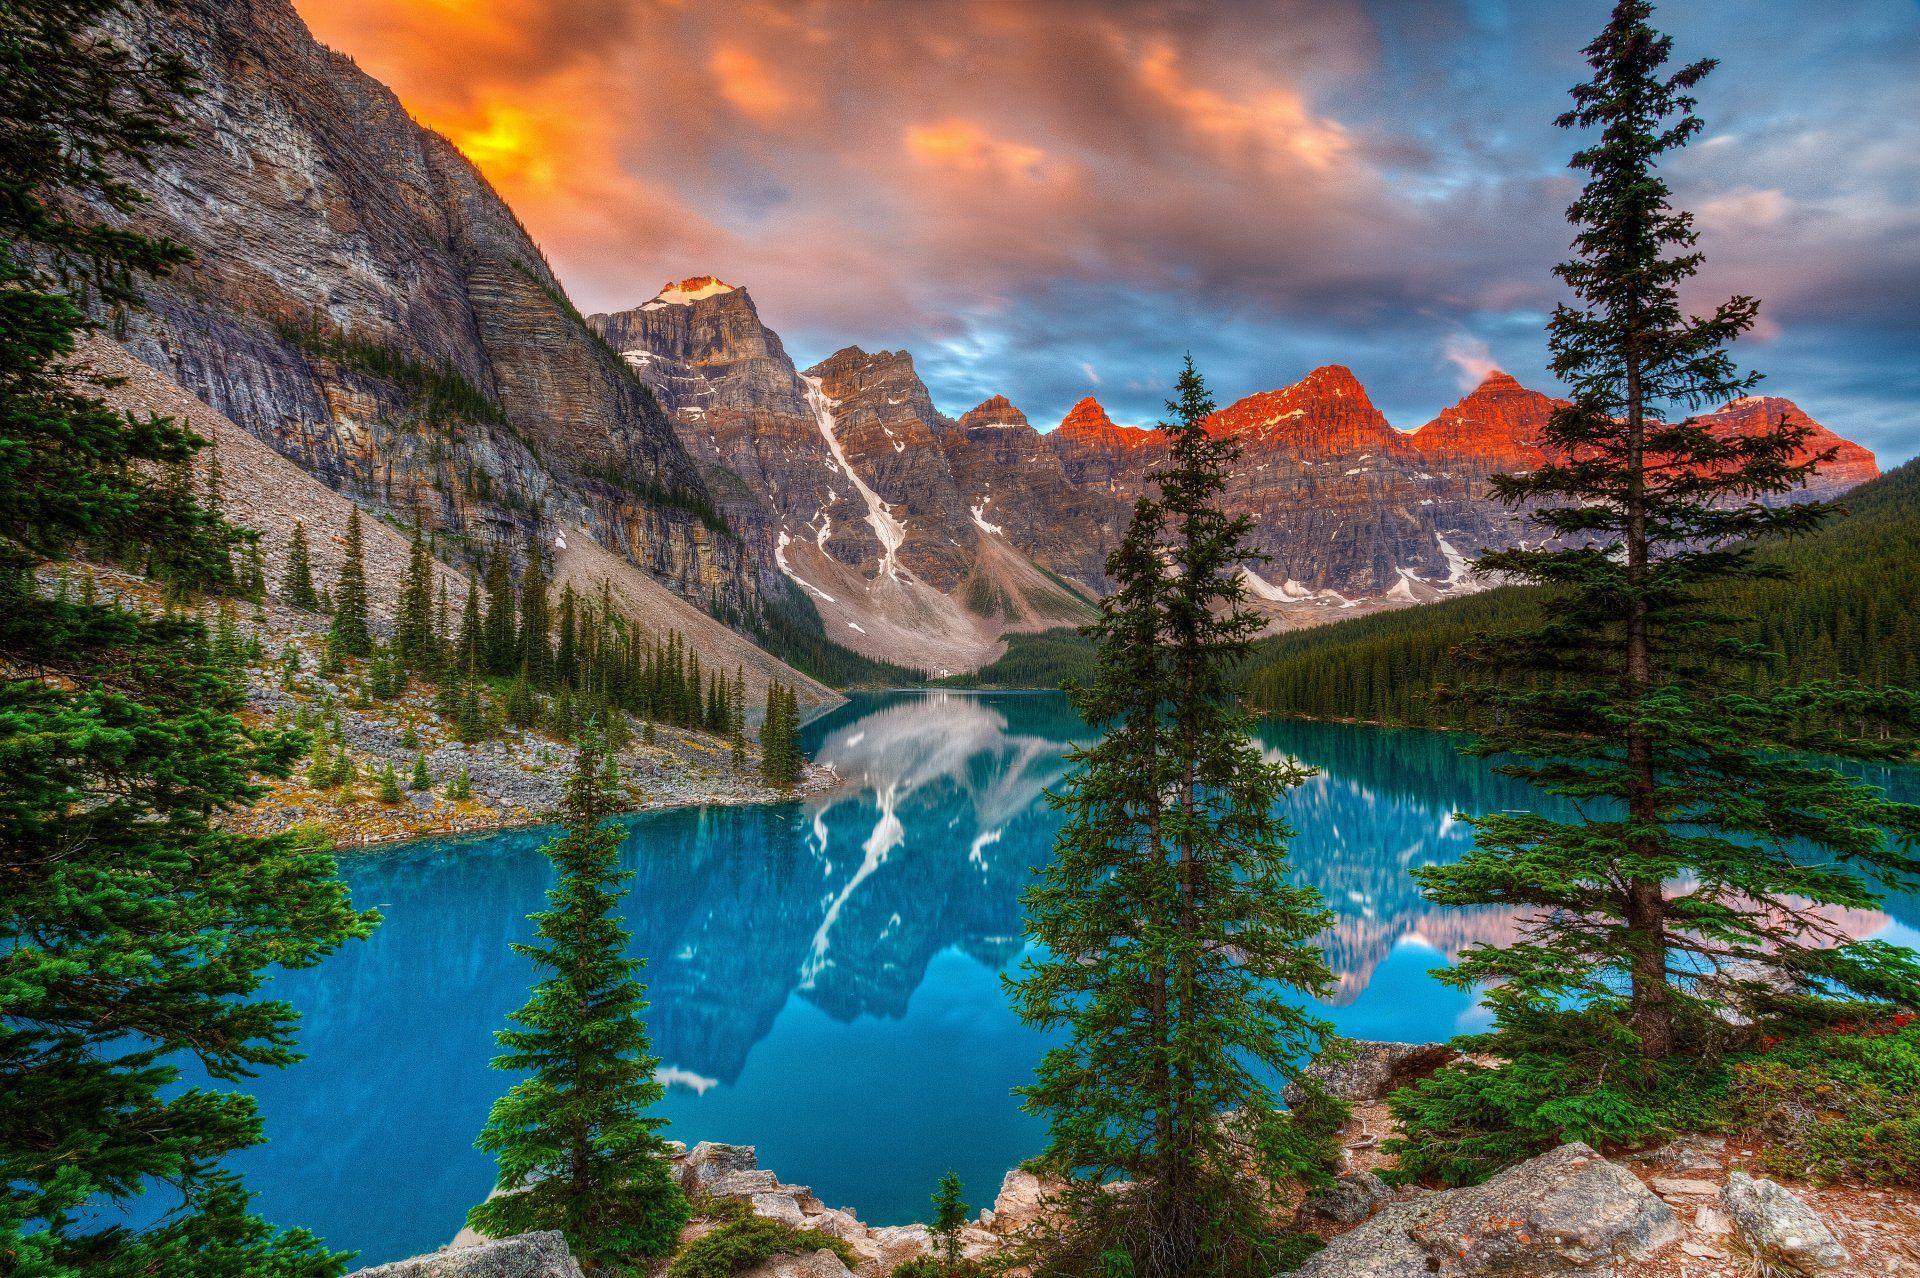 Valley Of Ten Peaks Widescreen